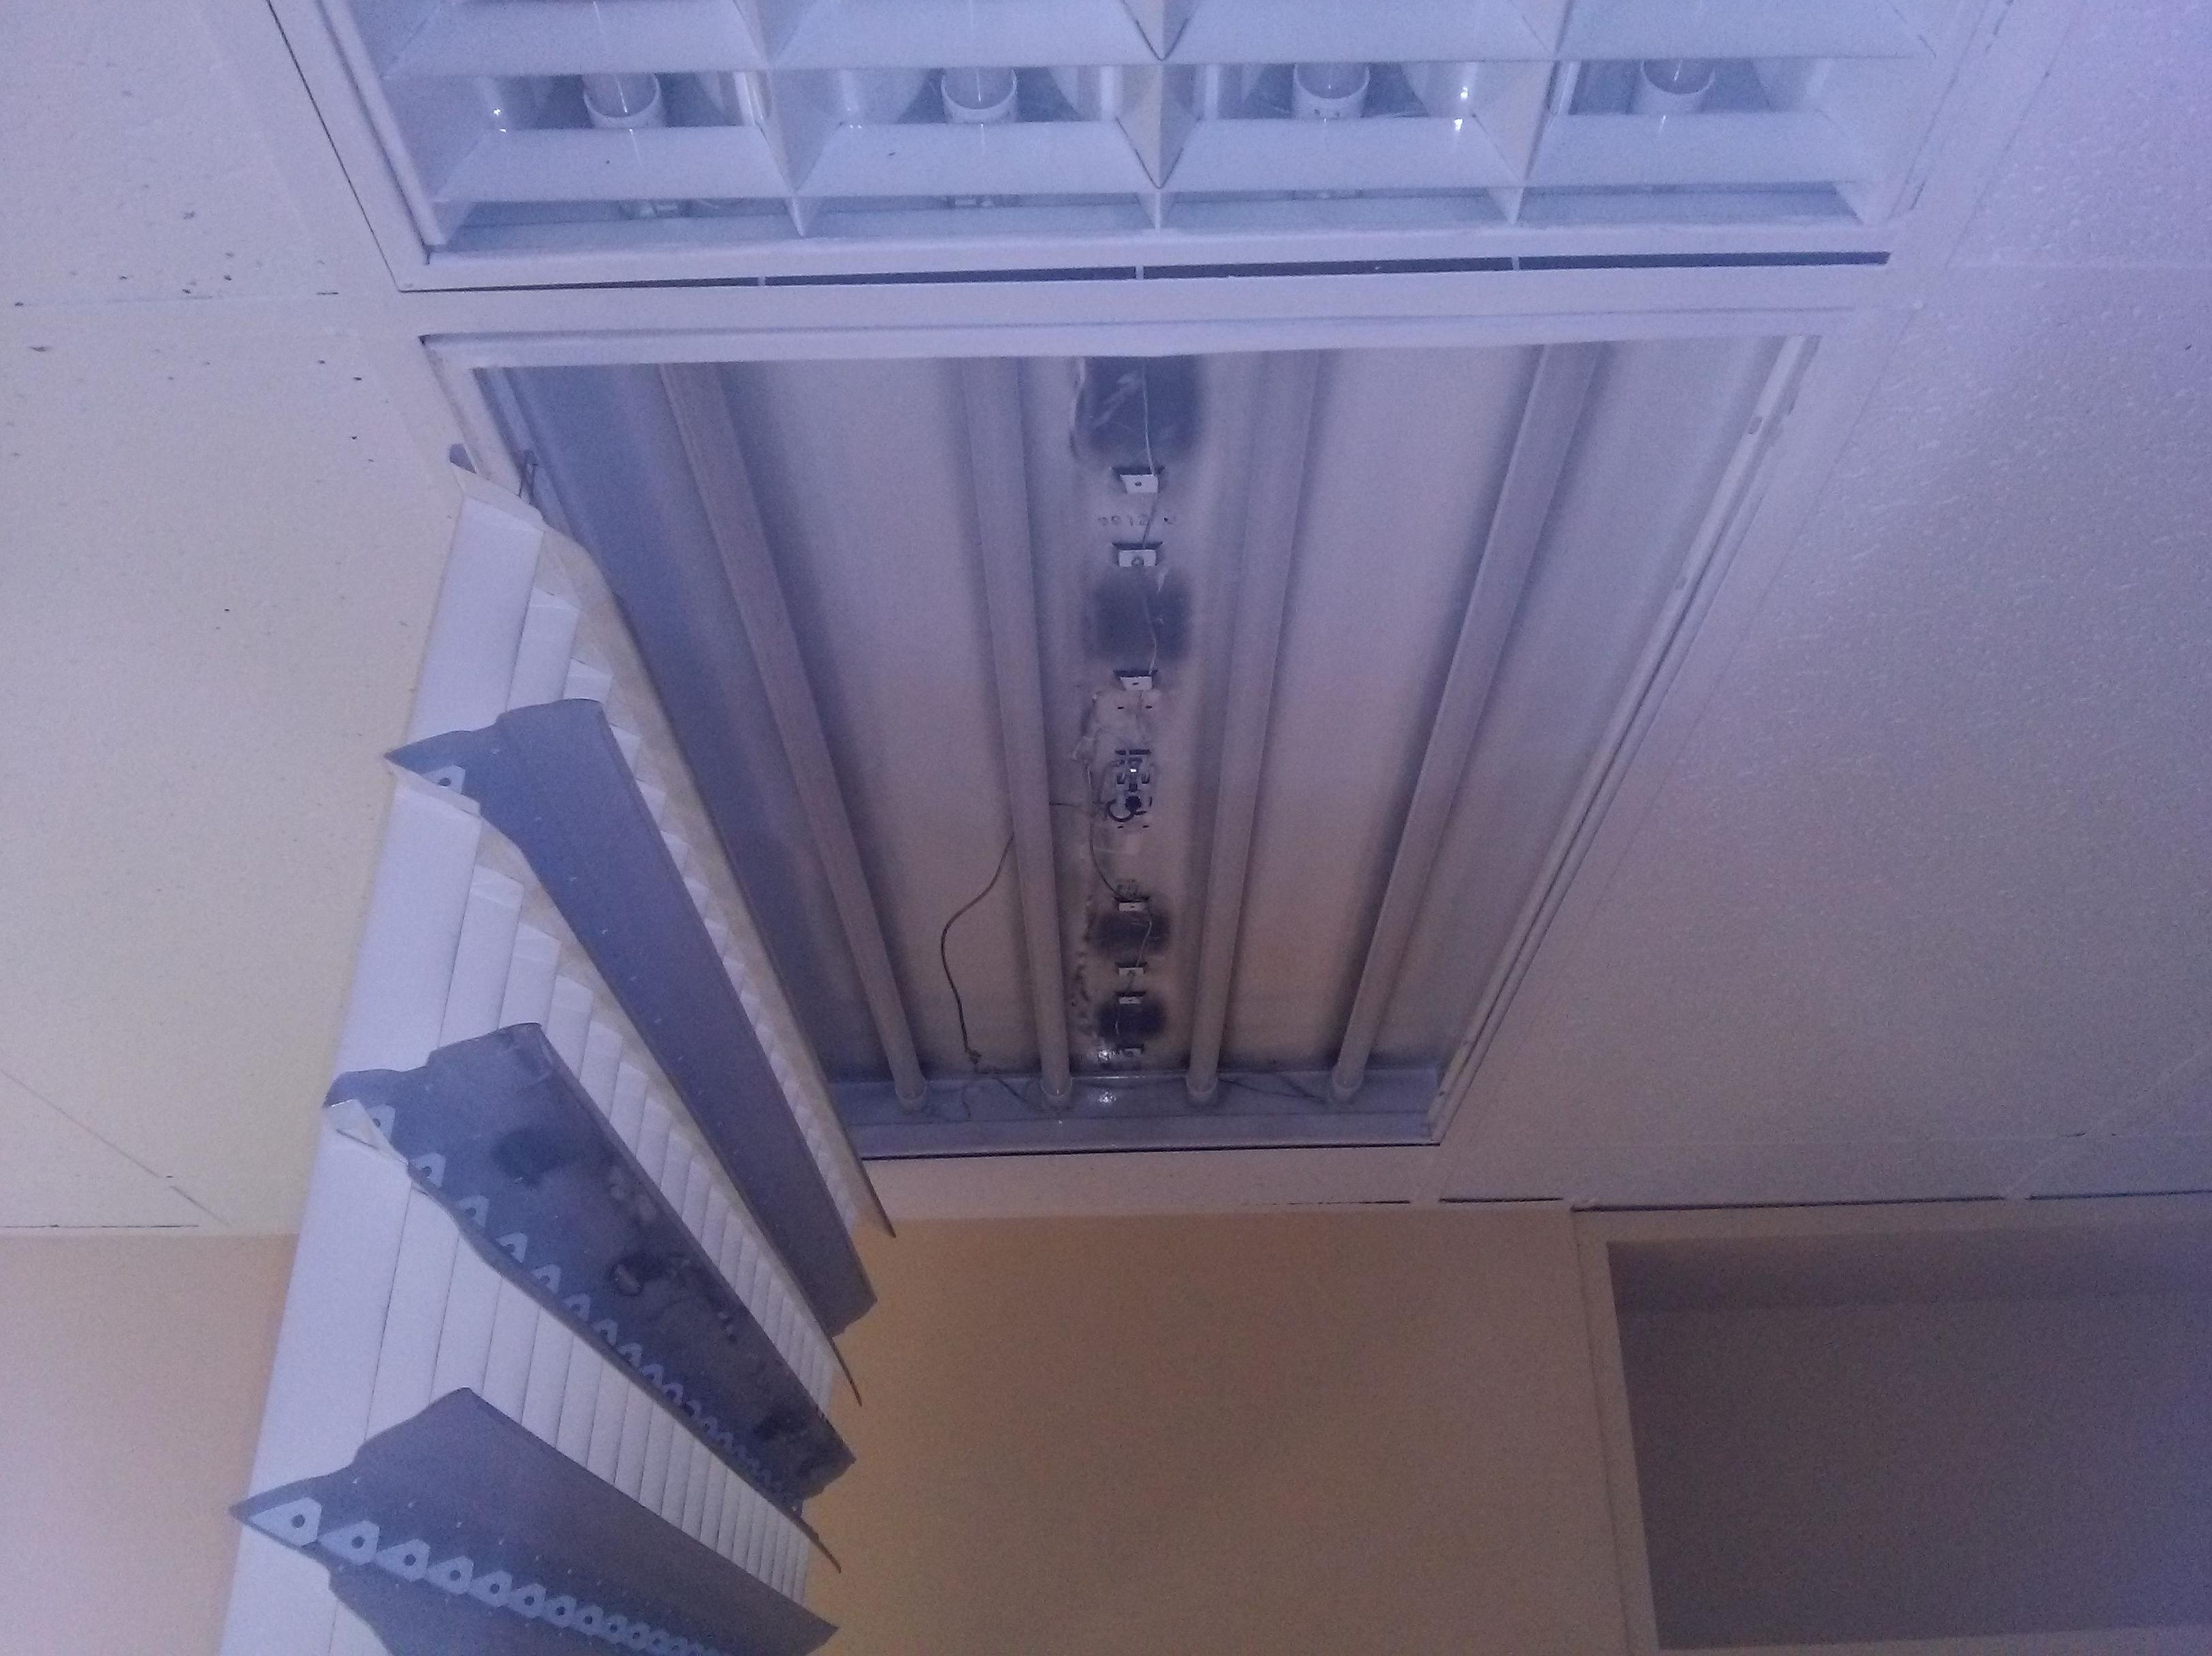 Sustitución de tubos fluorescentes de 36w por tubos de LED de 18w, en una oficina